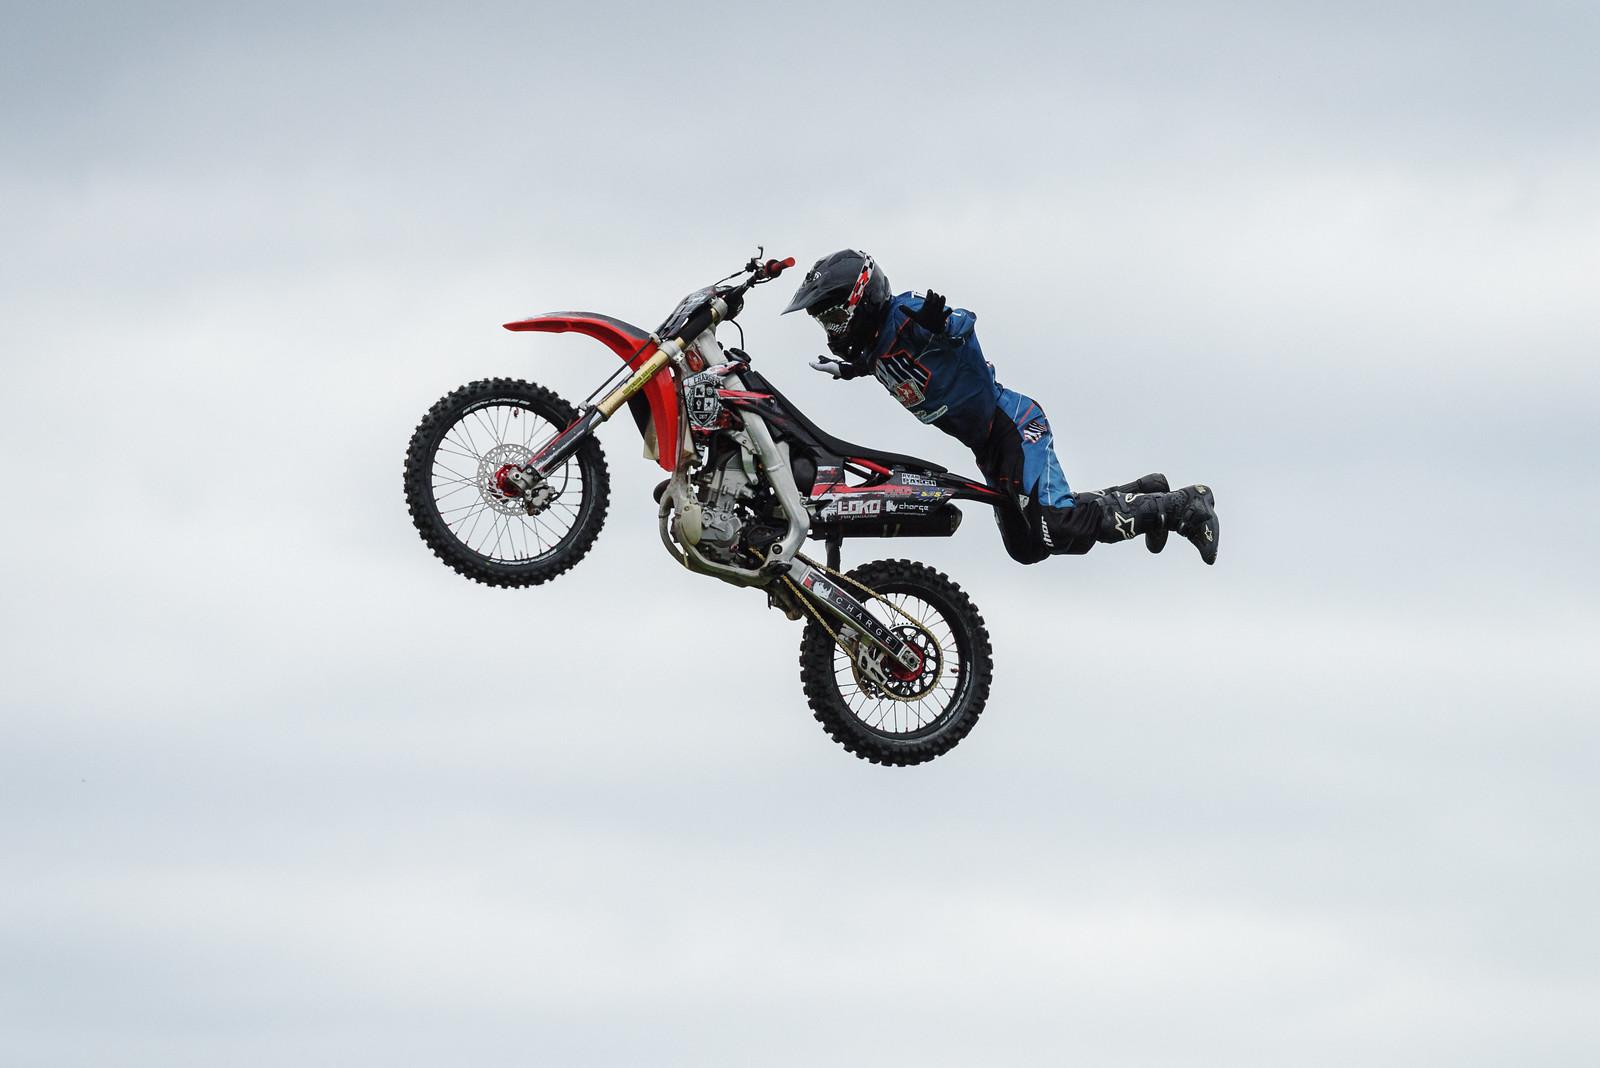 Superman and his bike